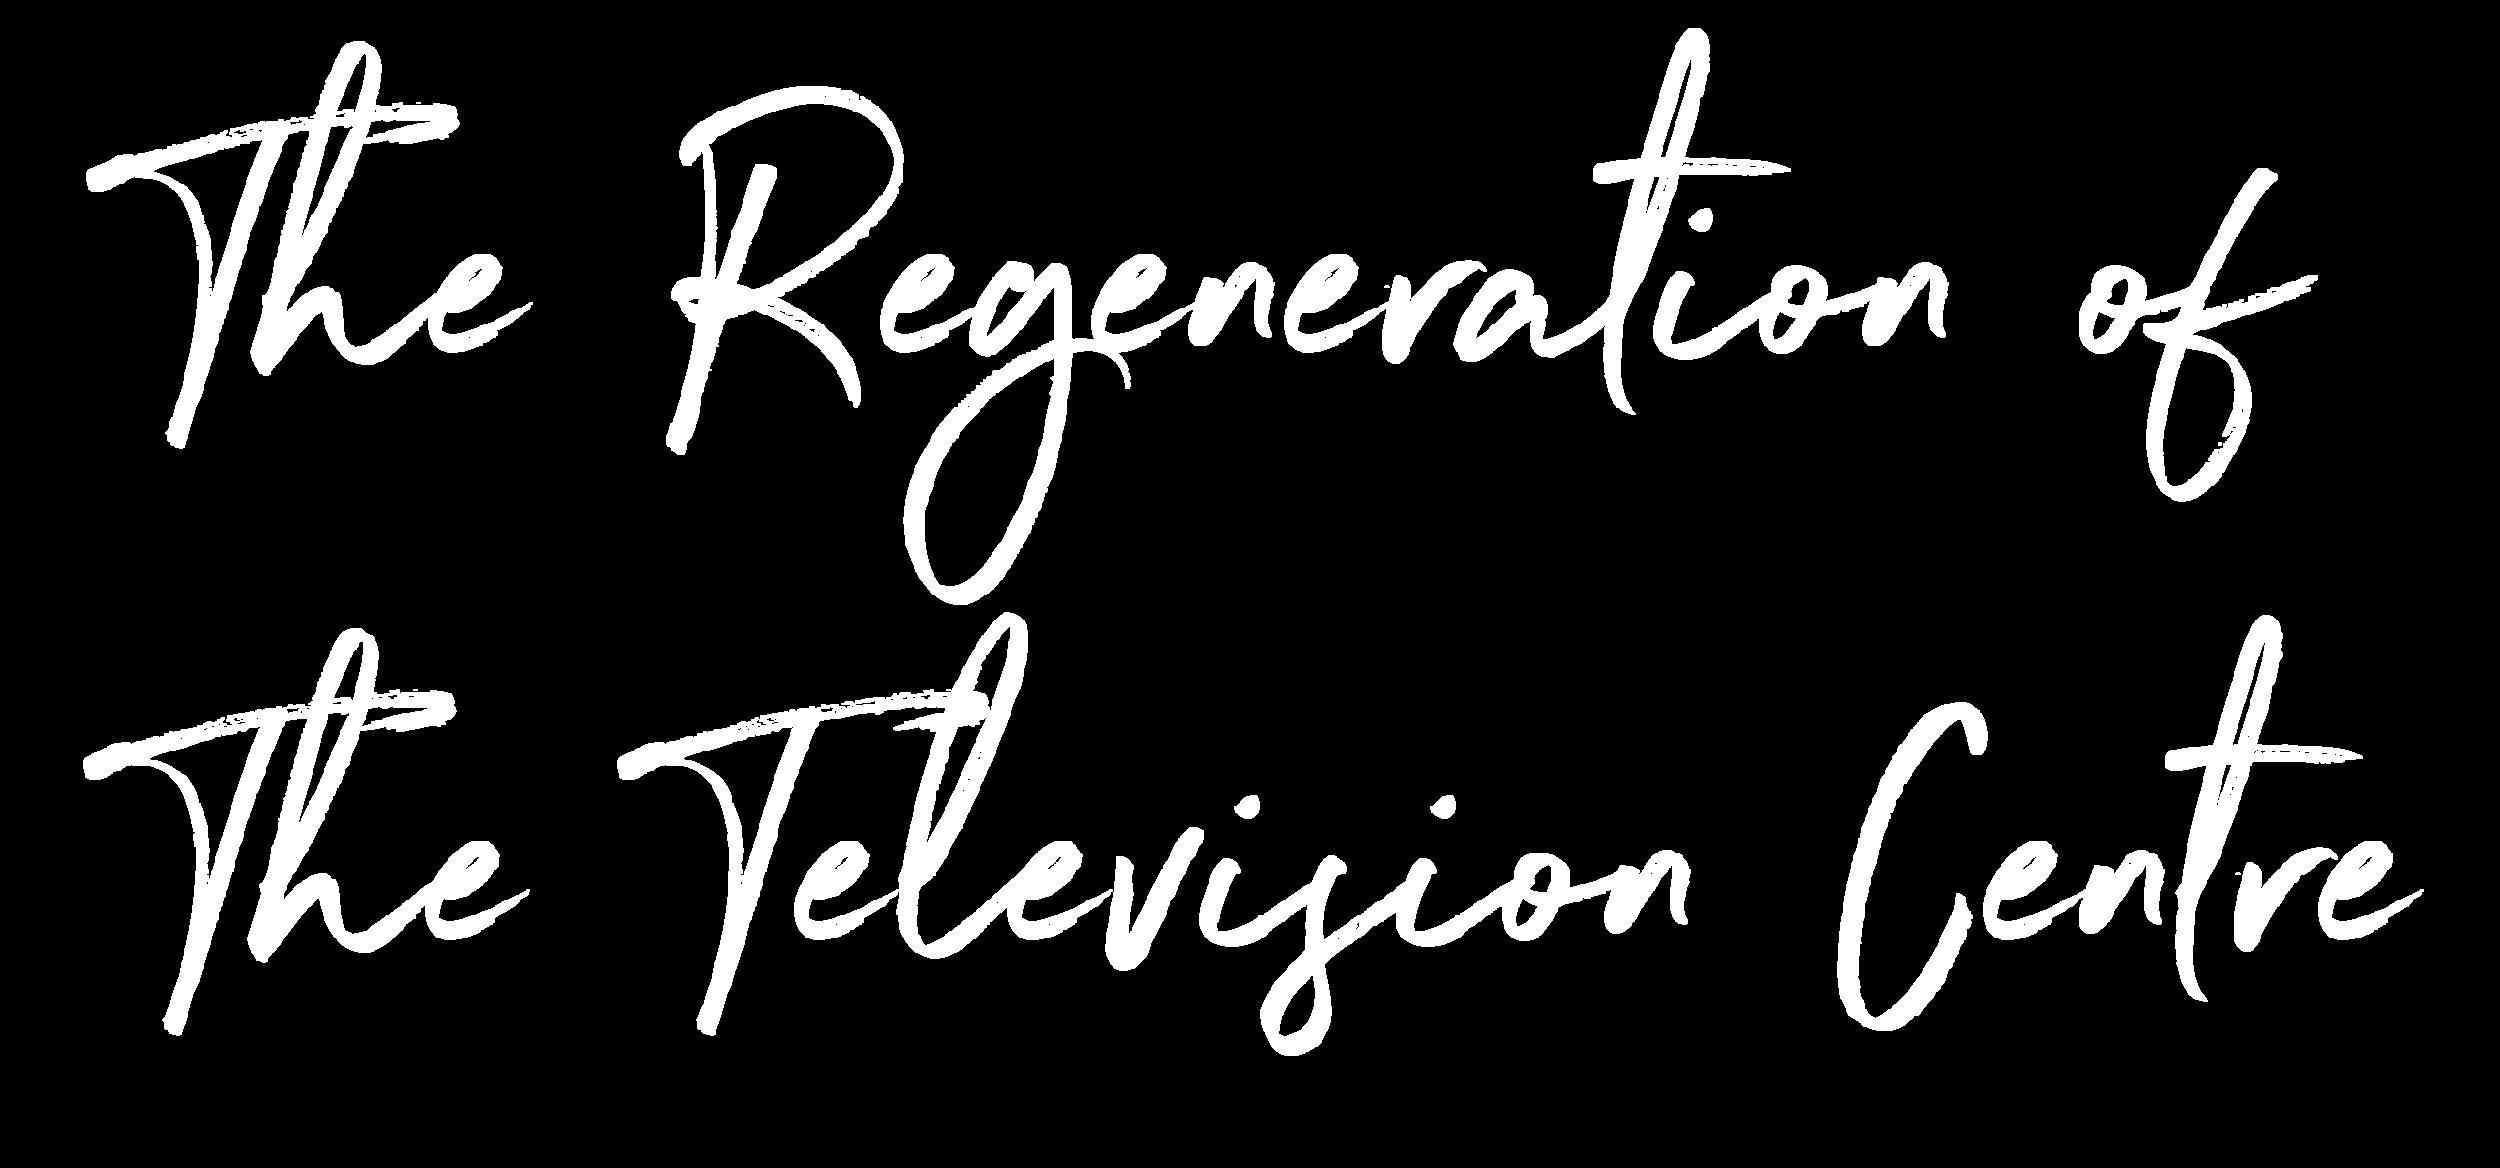 BoxNine7_Television_Centre.png